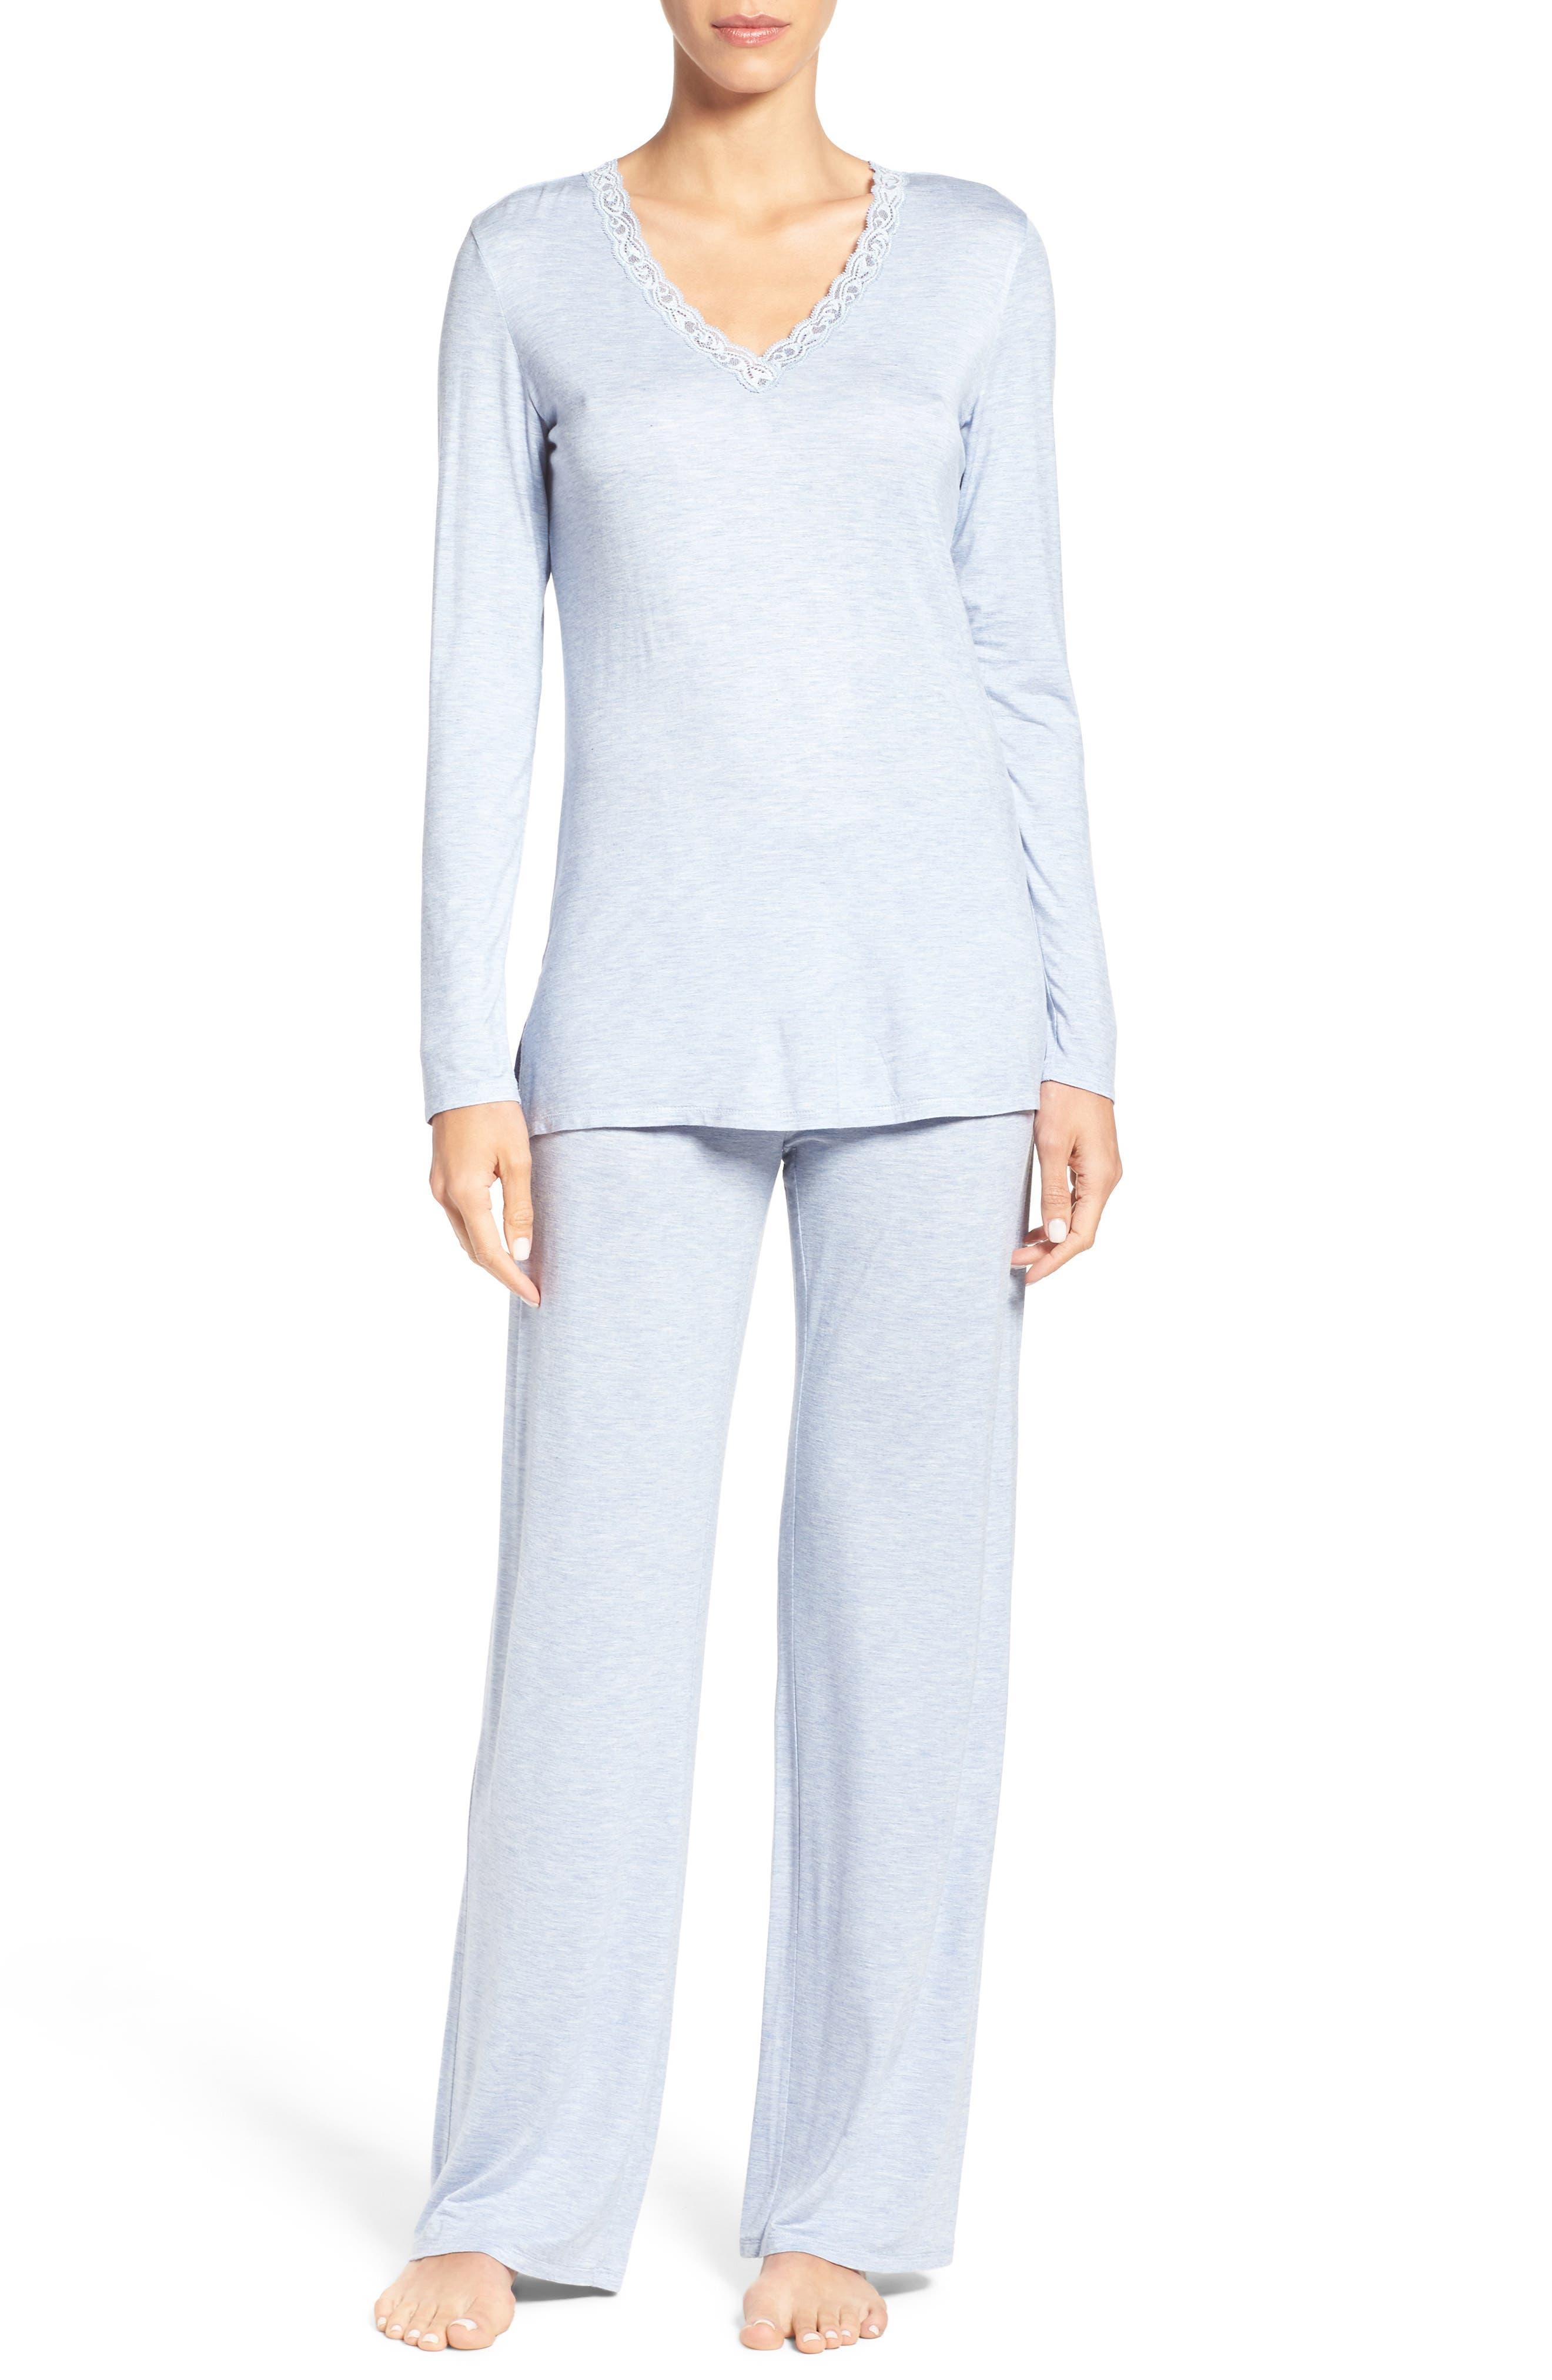 NATORI Feathers Pajamas